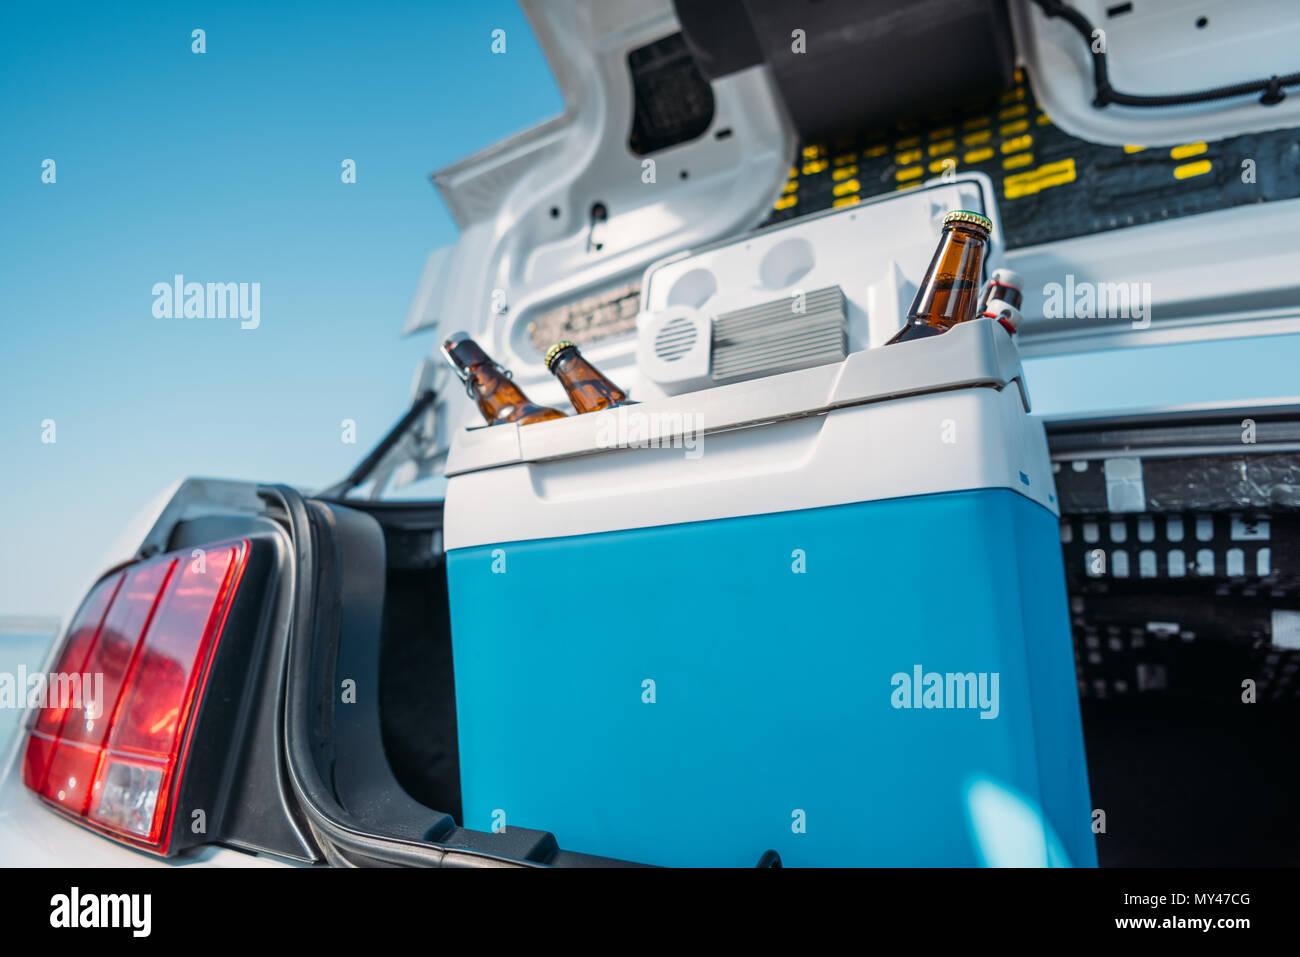 Auto Kühlschrank : Auto kühlschrank u stockfoto uatp